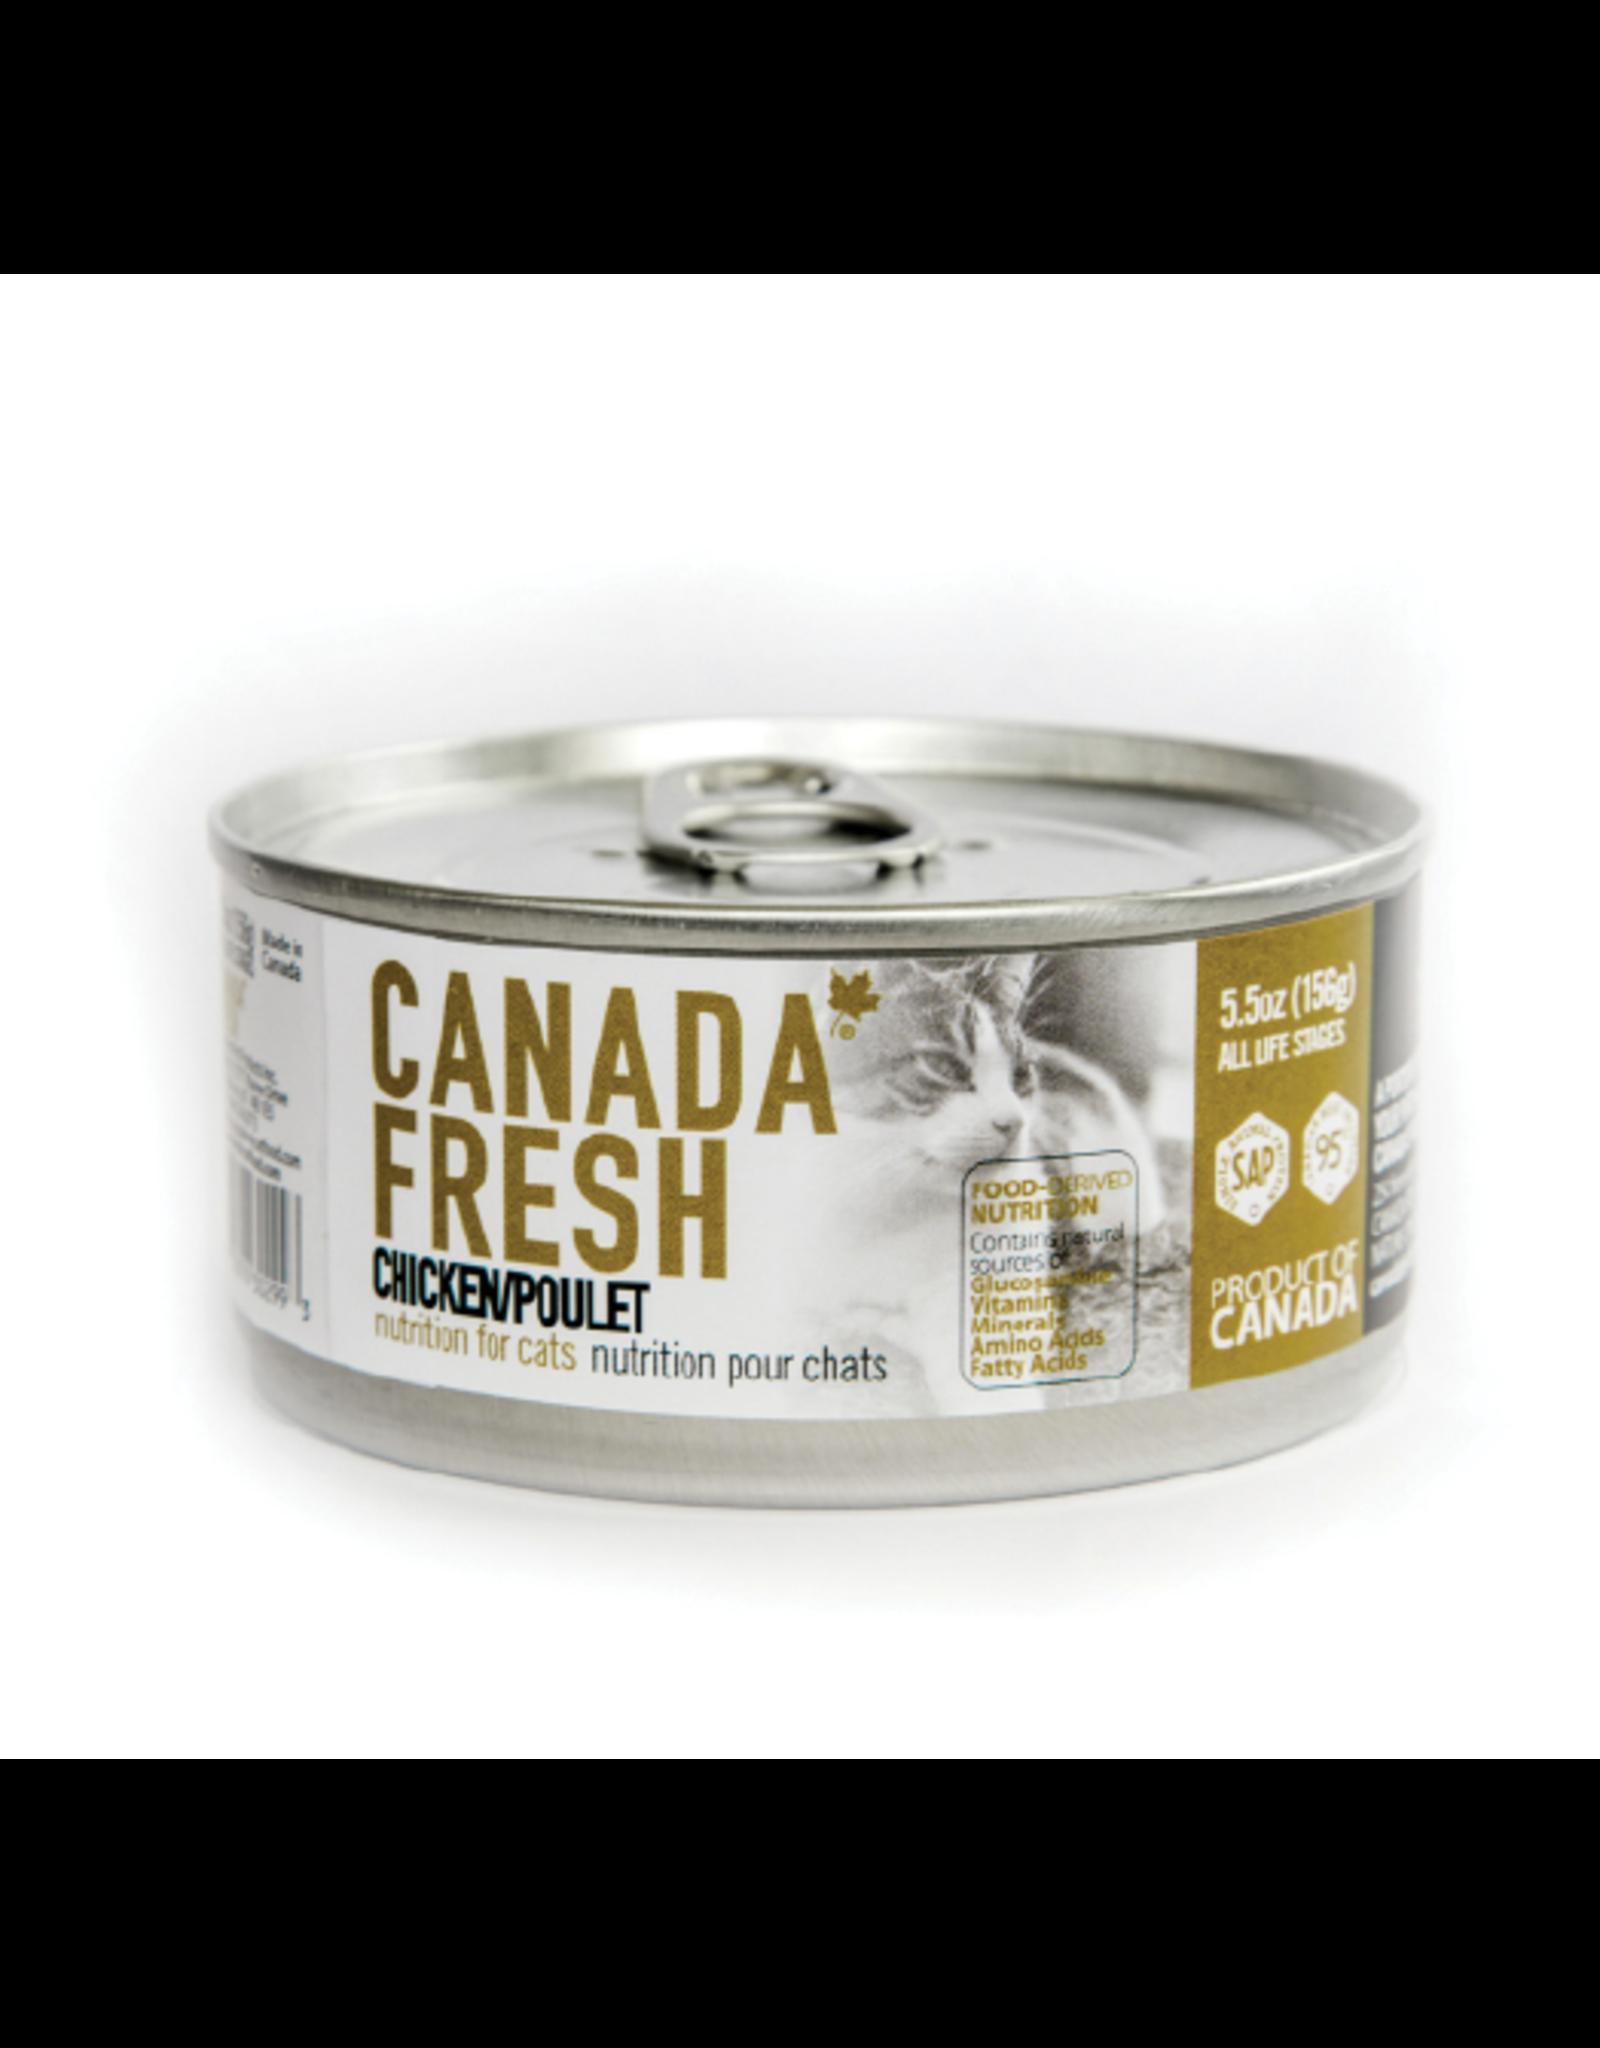 PETKIND CanadaFresh CAT Chicken 5.5oz